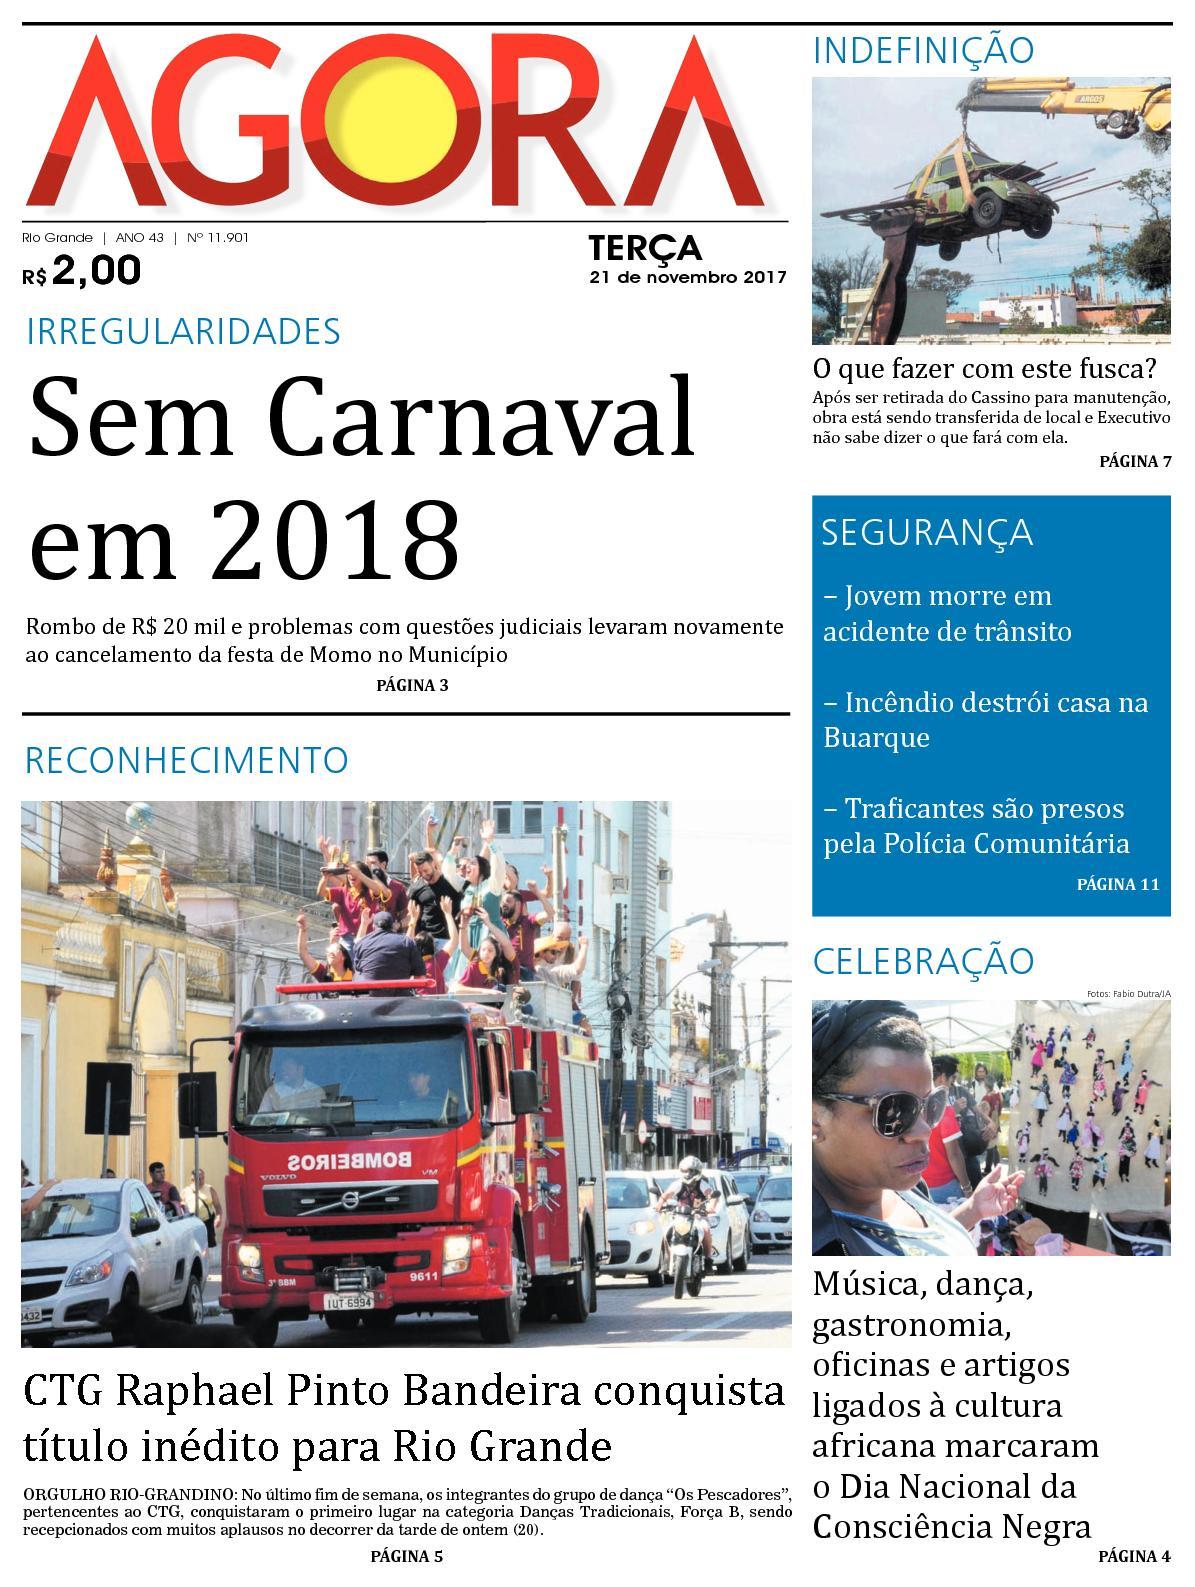 Jornal Agora - Edição 11901 - 21 de Novembro de 2017